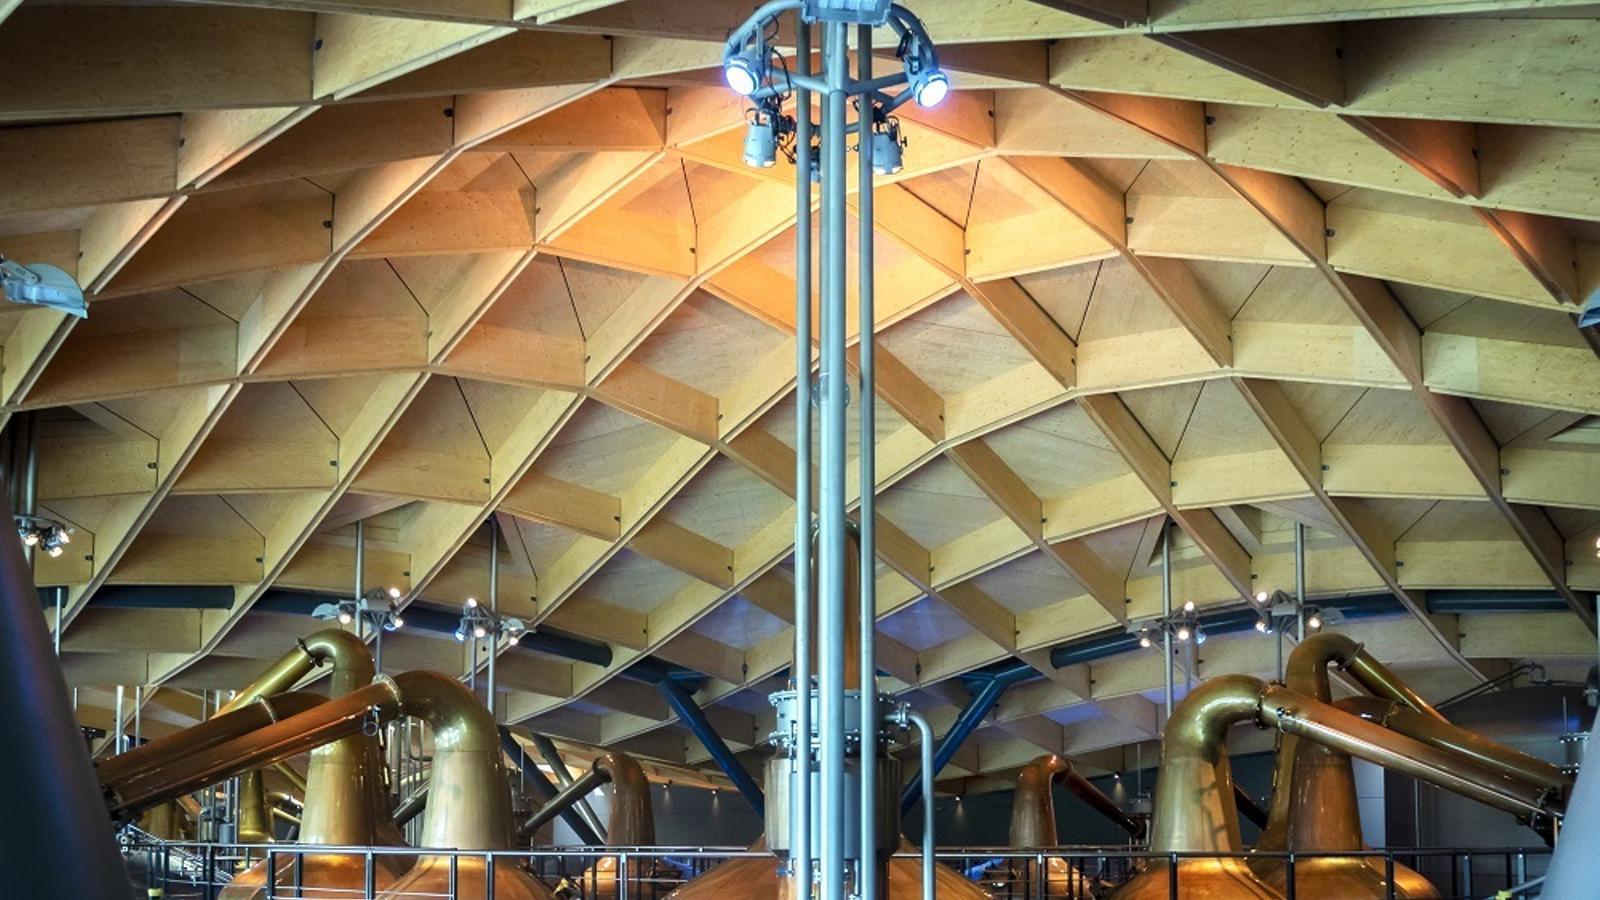 La zona de destil·lació, d'estètica futurista.